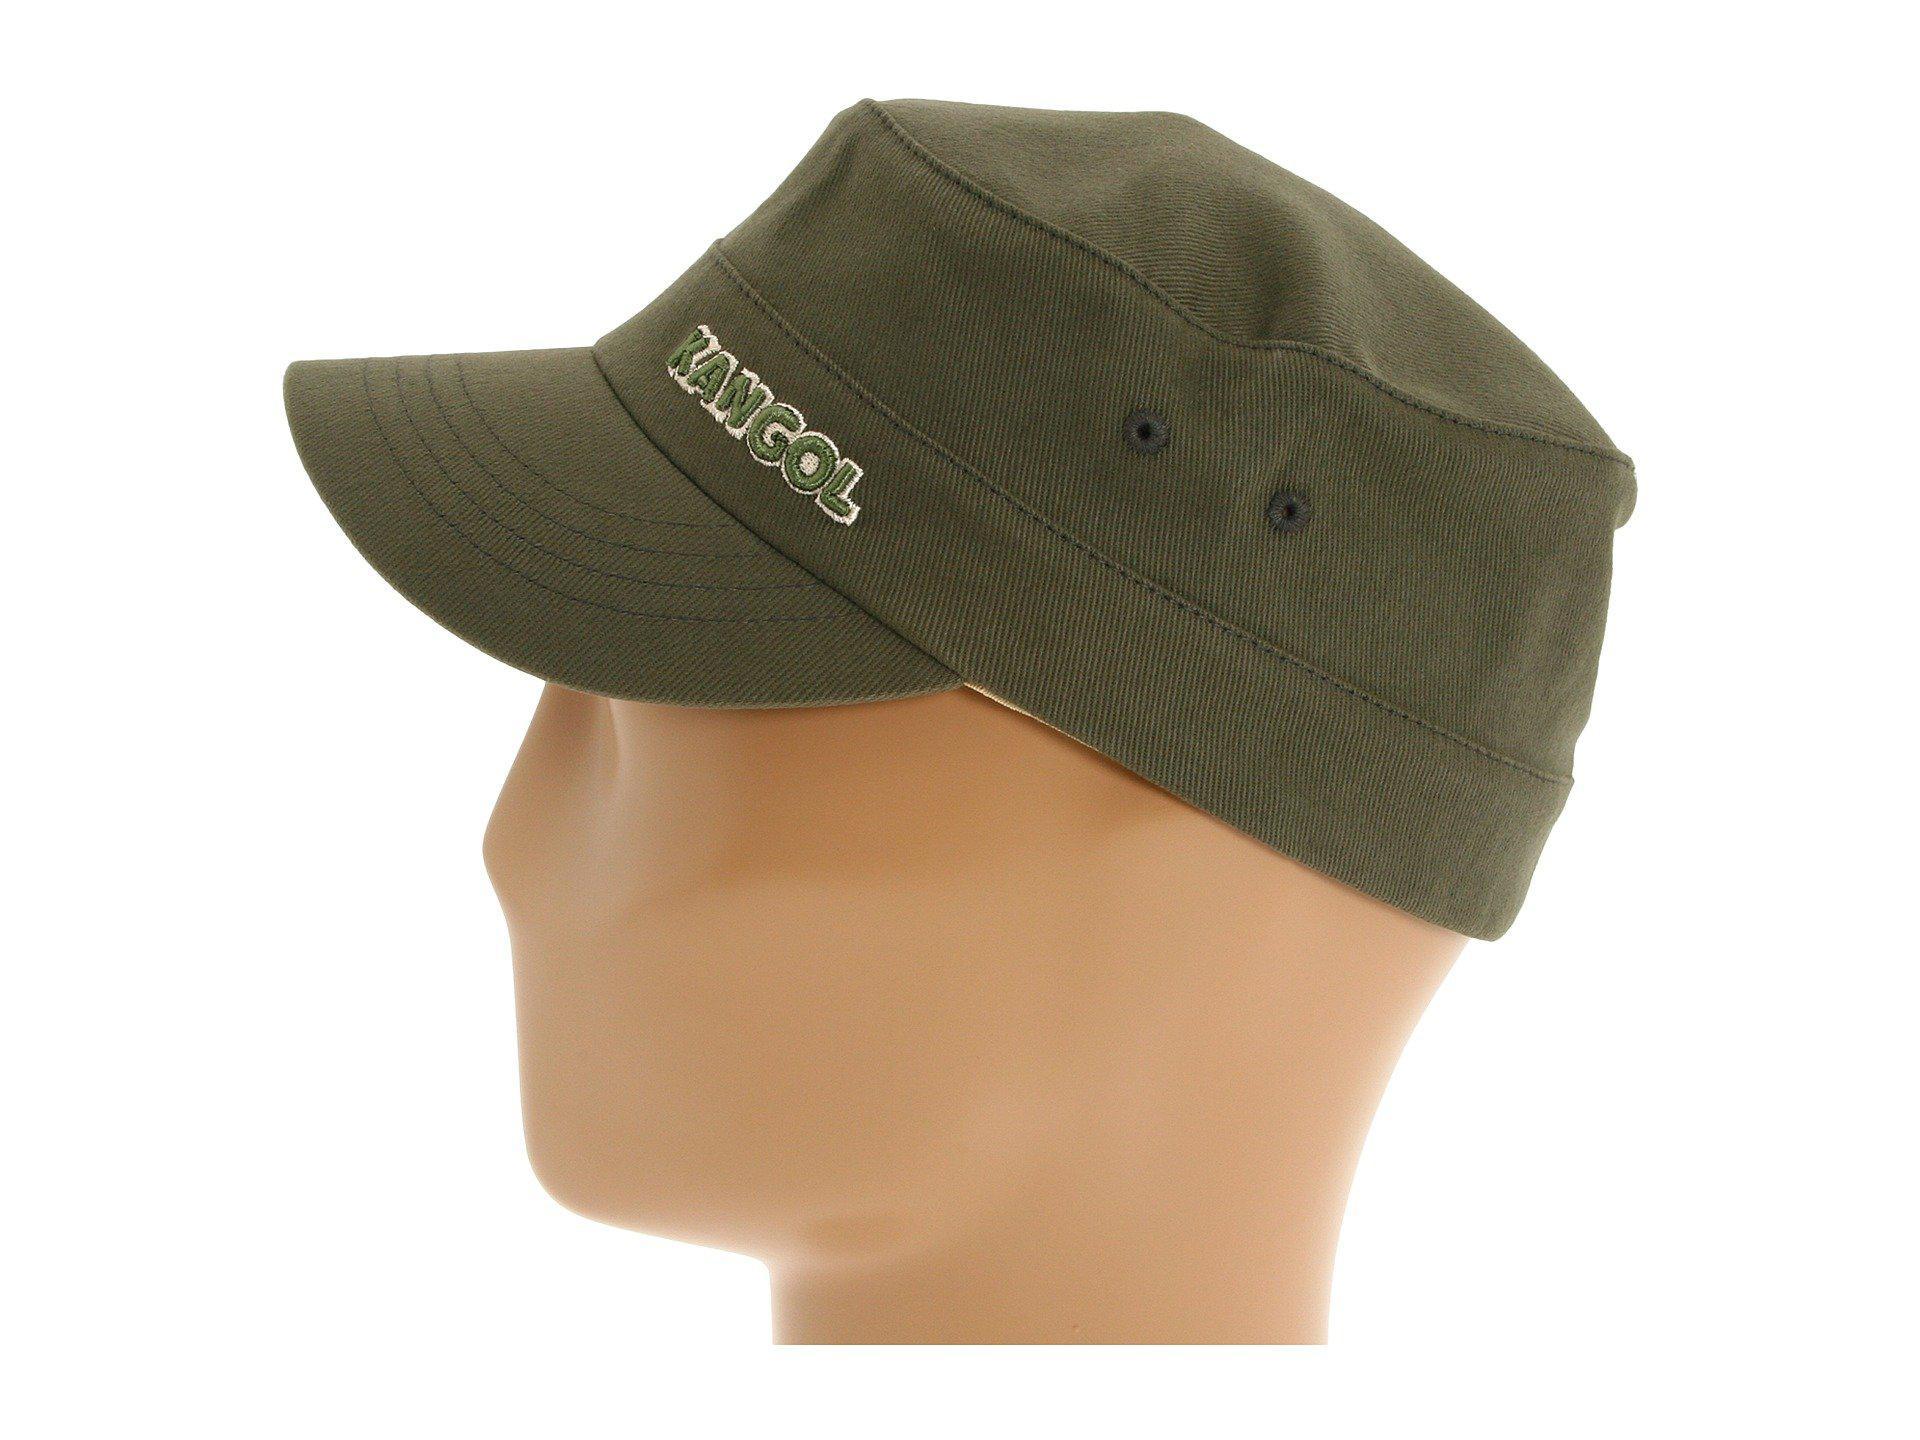 Kangol Cotton Twill Army Cap Uk